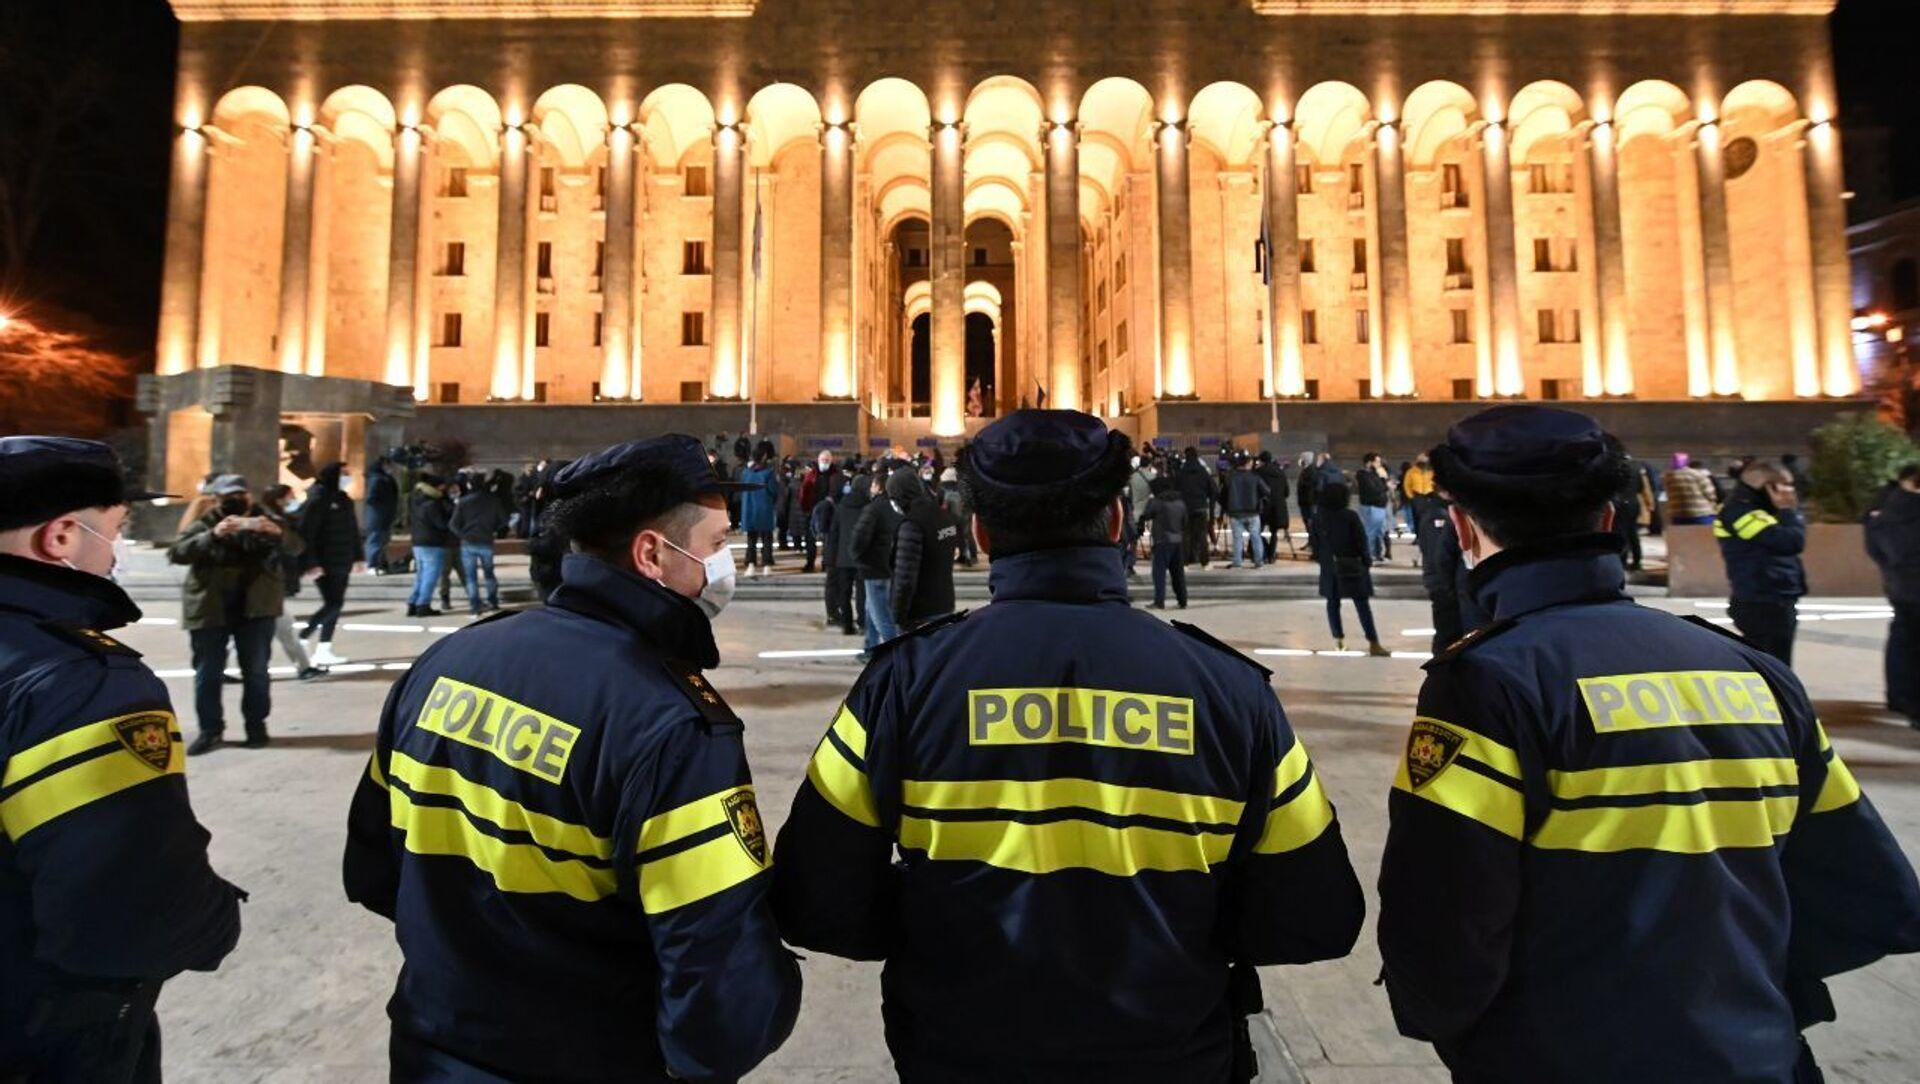 Акция протеста против ковид-ограничений у здания парламента Грузии 6 февраля 2021 года - Sputnik Грузия, 1920, 09.02.2021